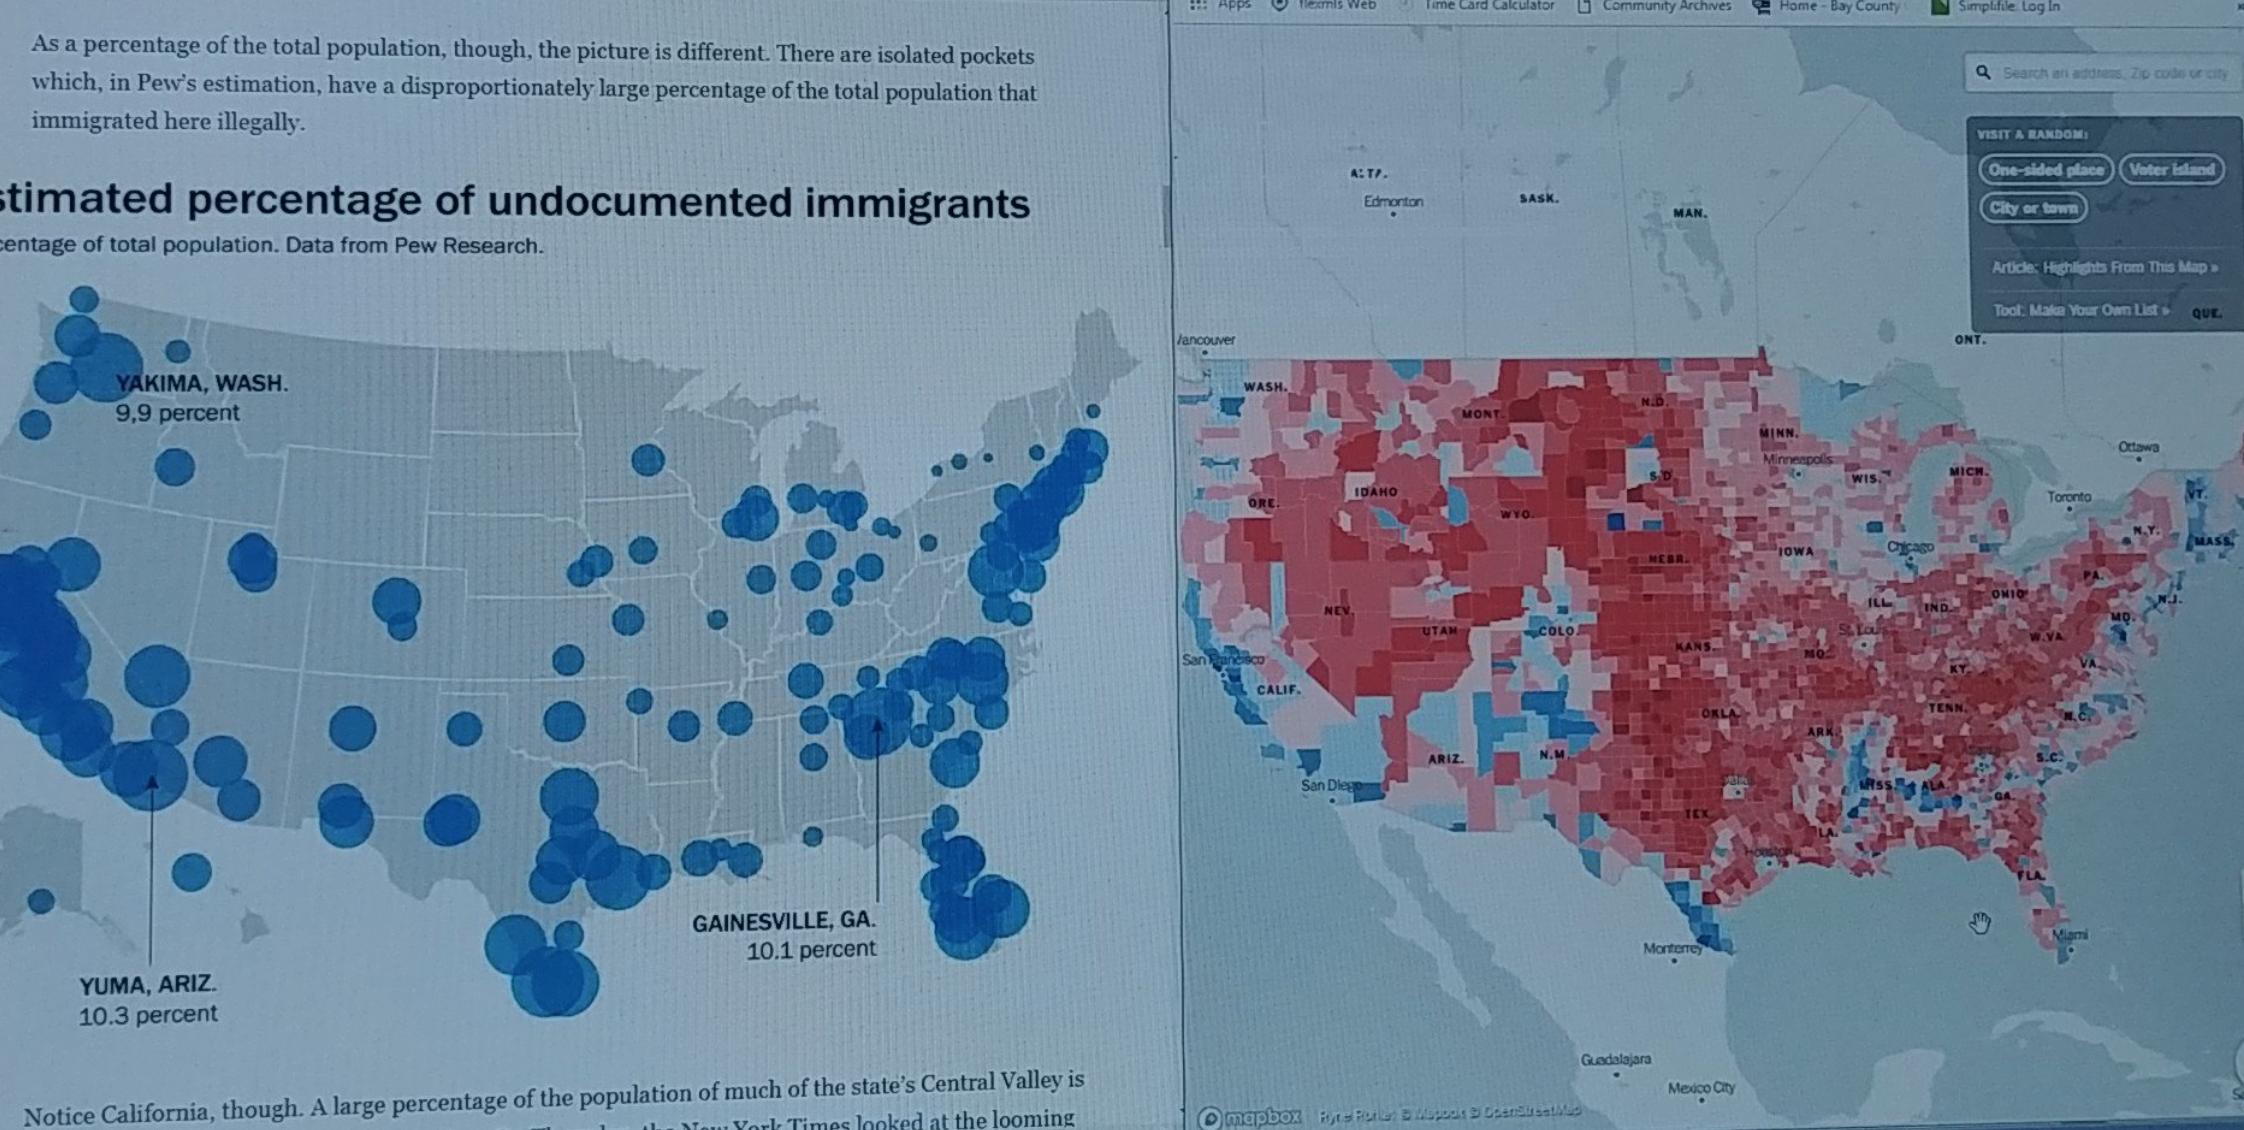 Illegale halten sich insbesondere in Gebieten auf, wo demokratisch -blau - gewählt wurde